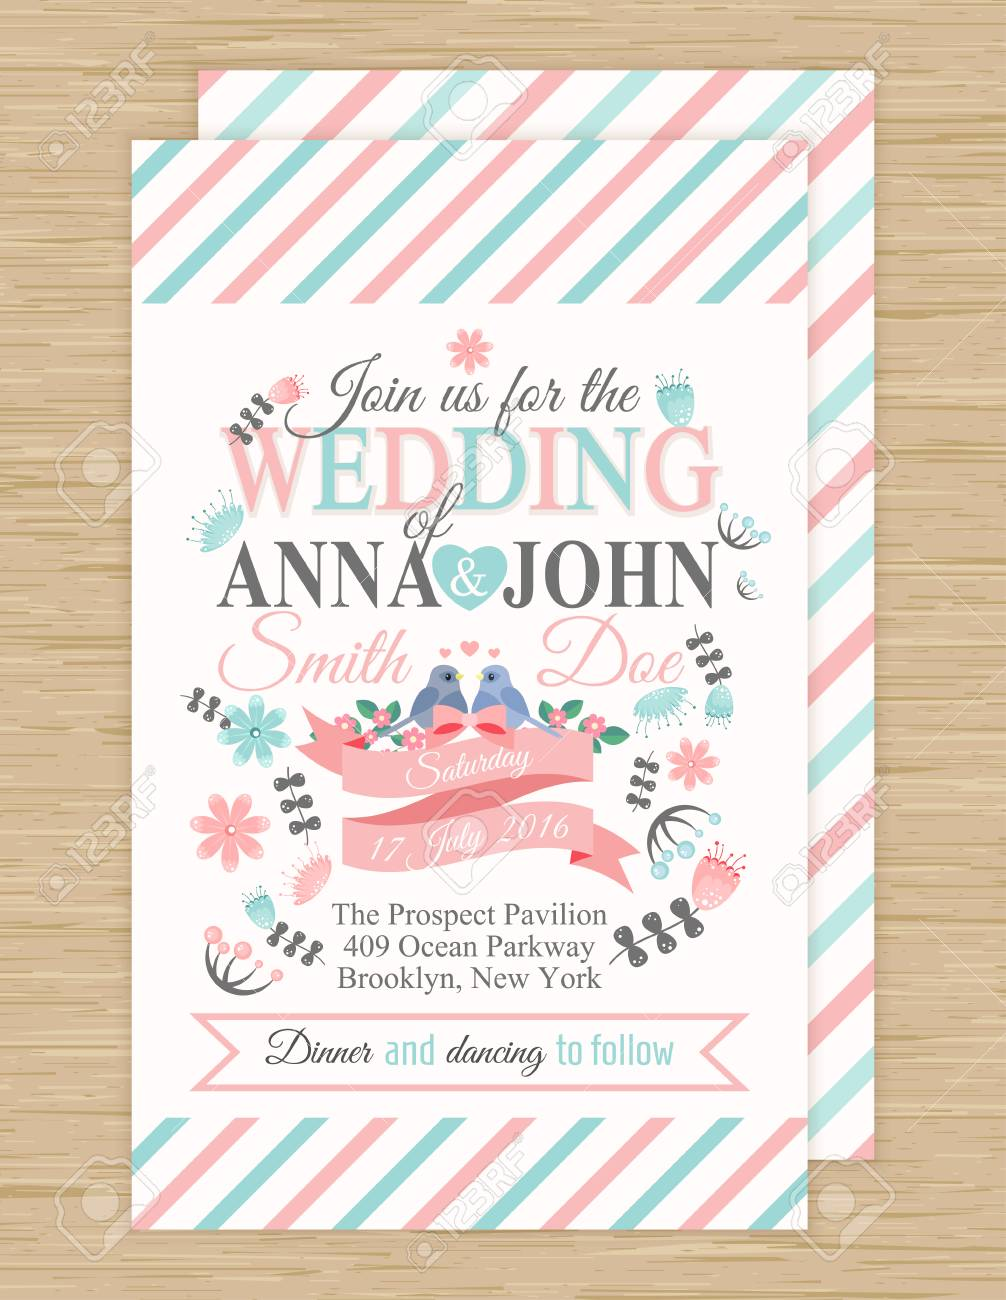 リボン、鳥、花、ベクトル イラストかわいい結婚式招待状